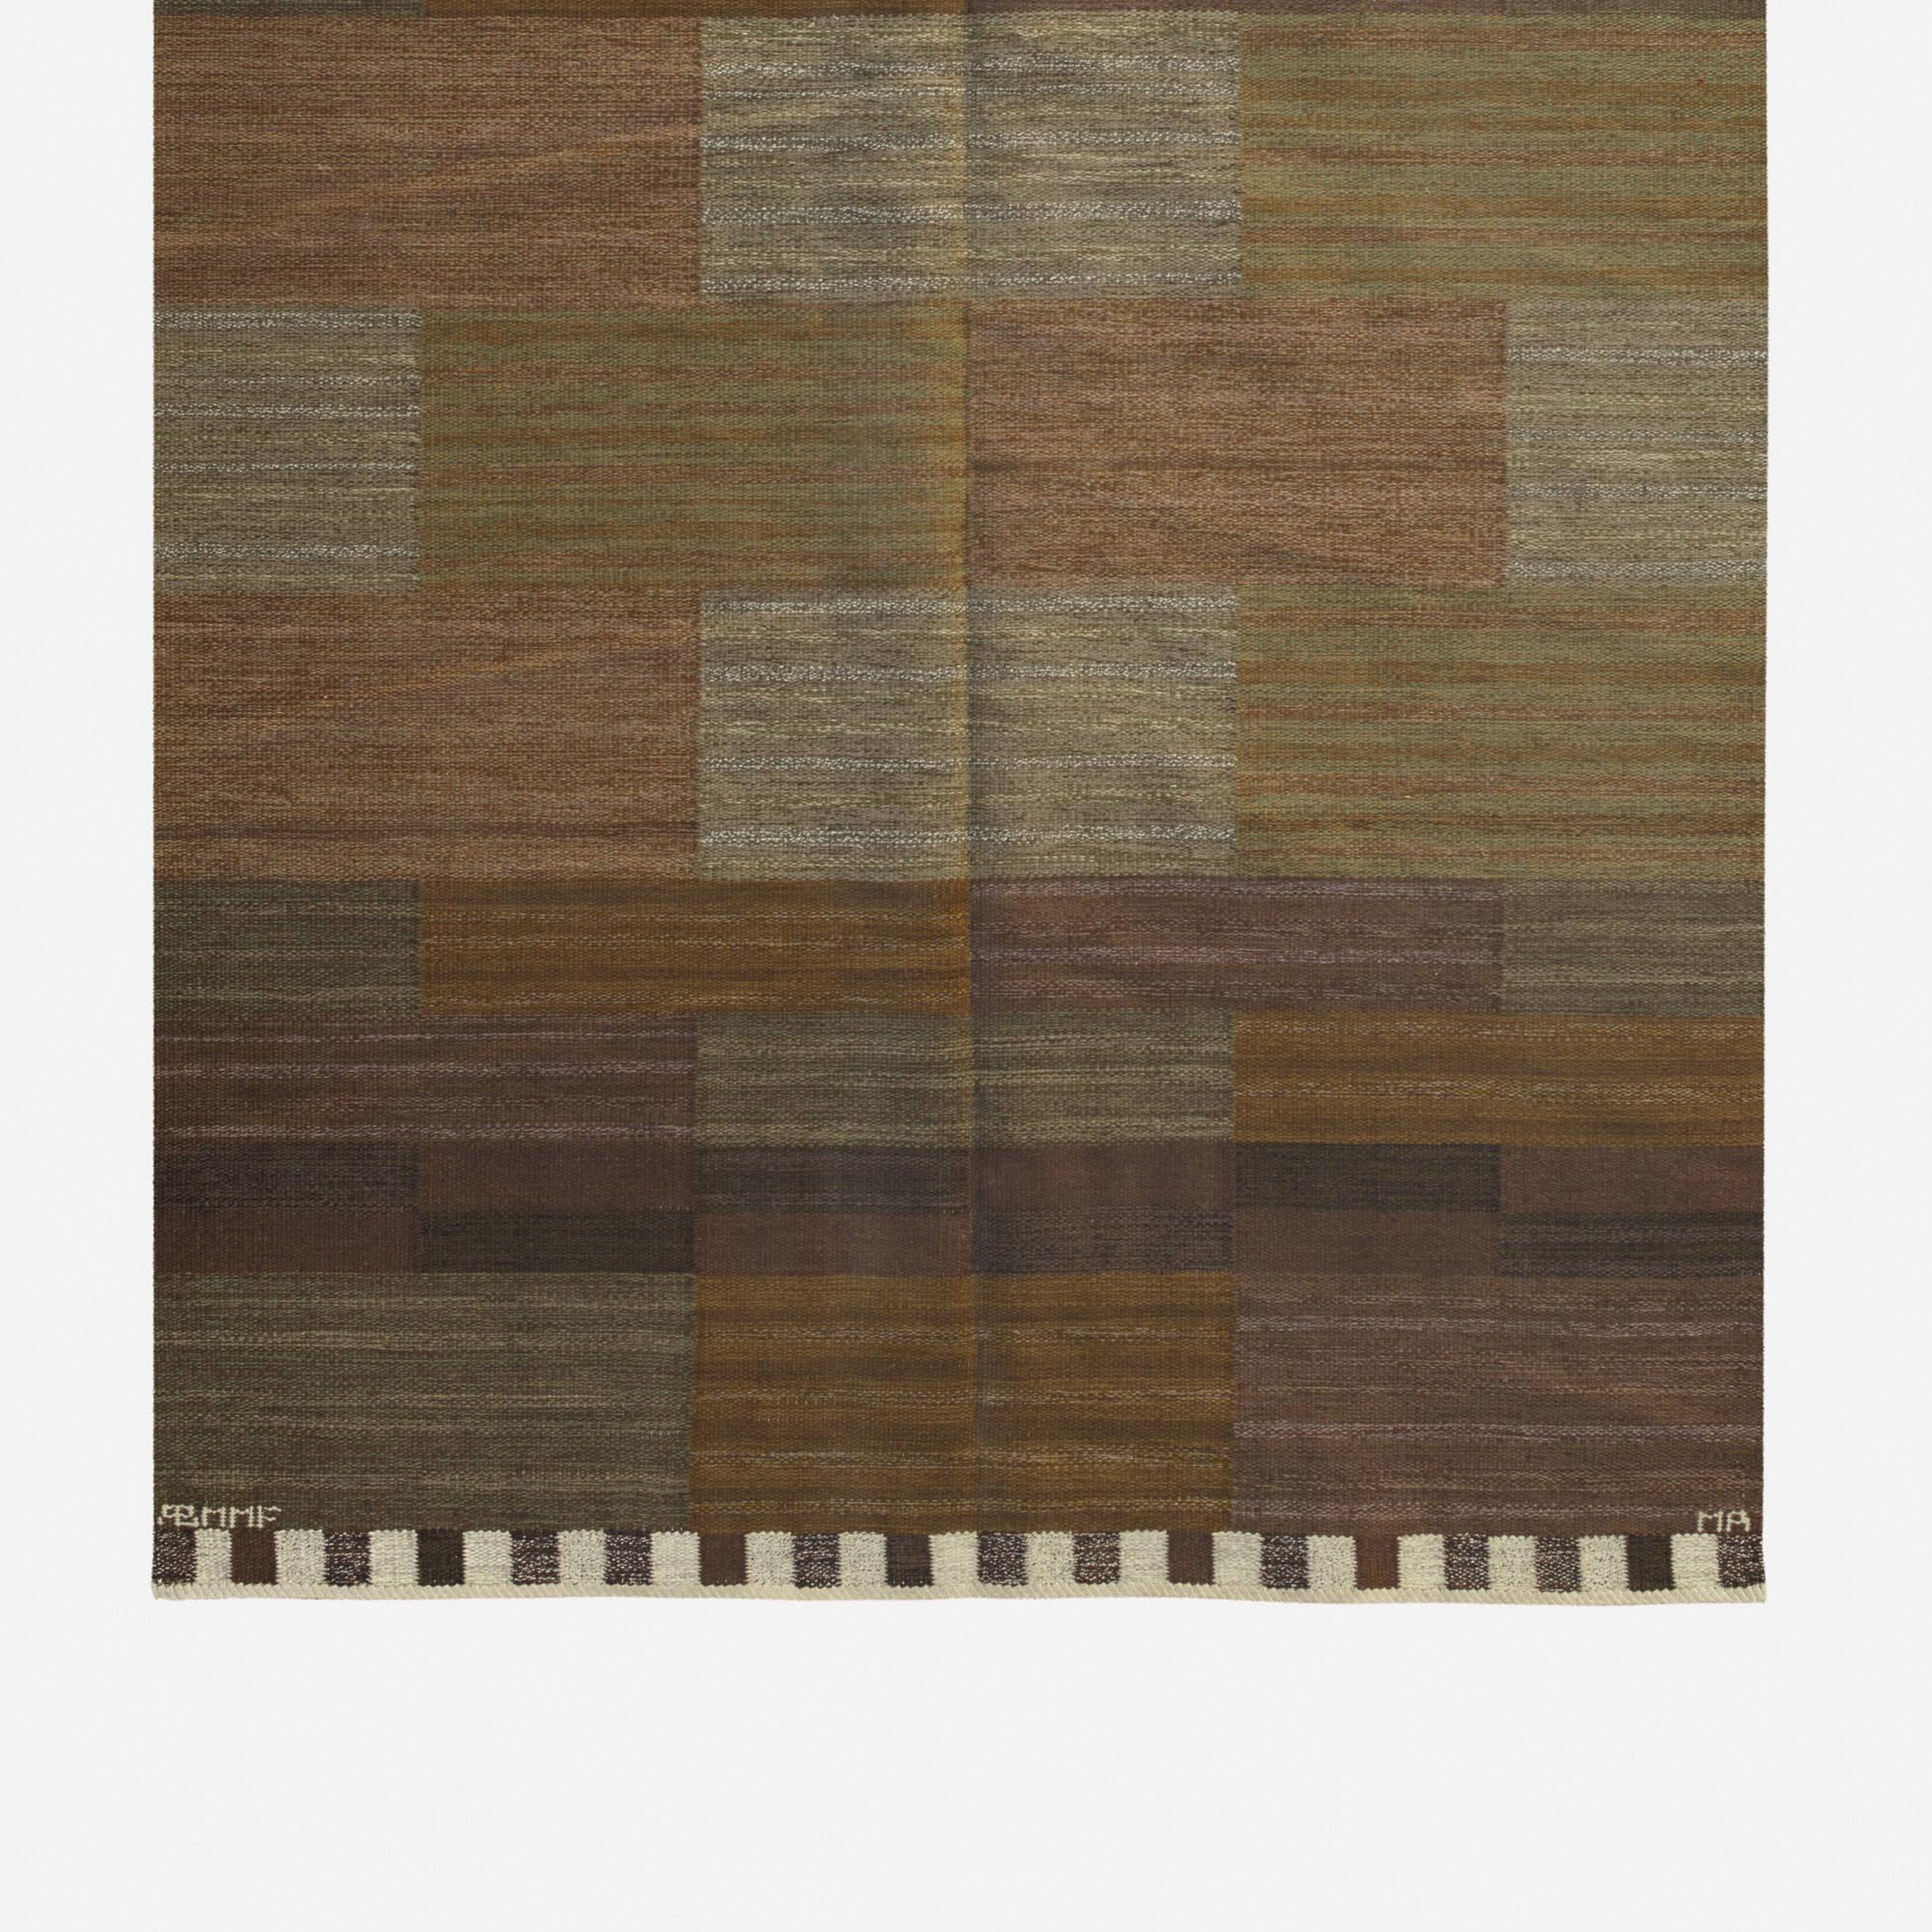 247: Marianne Richter / Muren flatweave carpet (2 of 2)